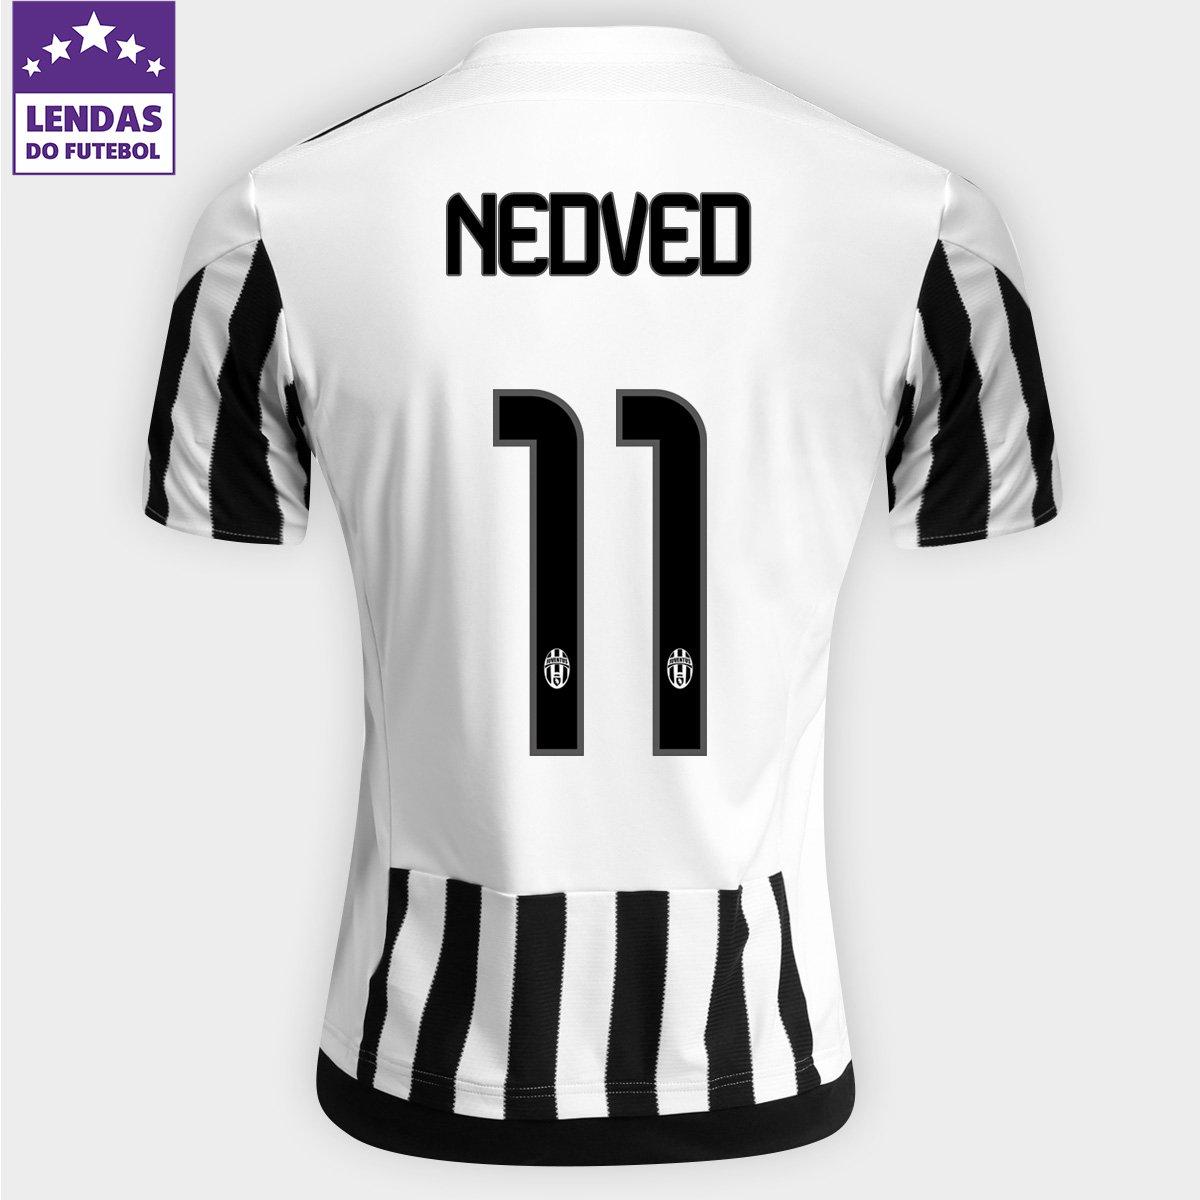 d991d32af9 Camisa Adidas Juventus Home 15 16 nº 11 - Nedved - Compre Agora ...